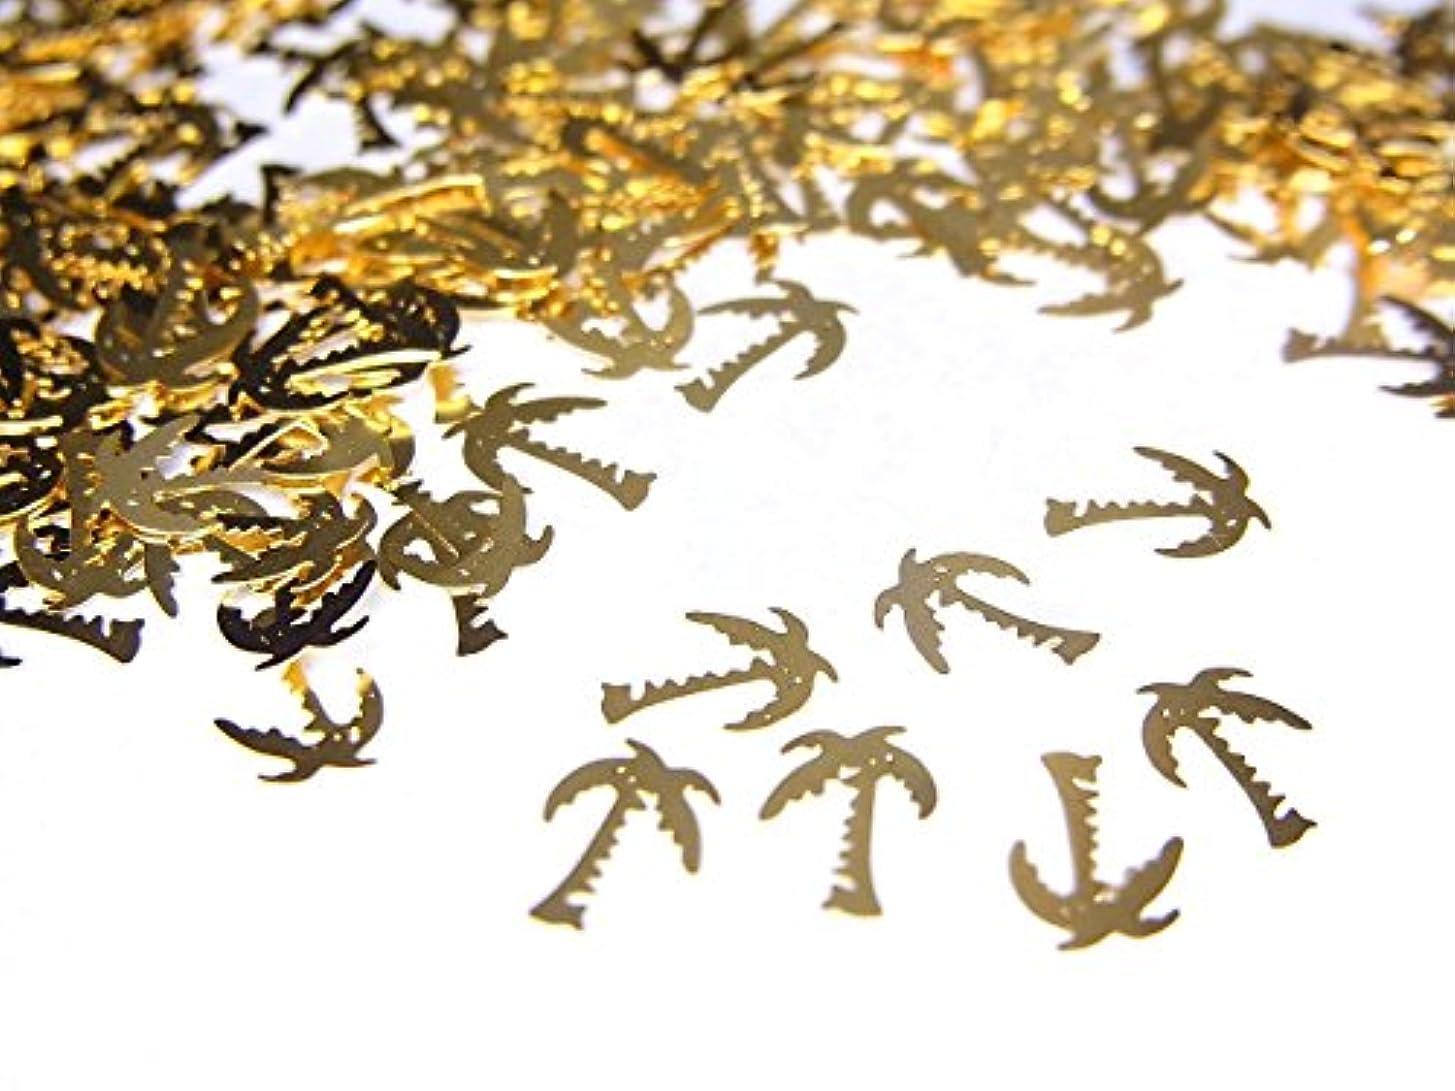 悪の結論病院【jewel】薄型ネイルパーツ ゴールド ヤシの木10個